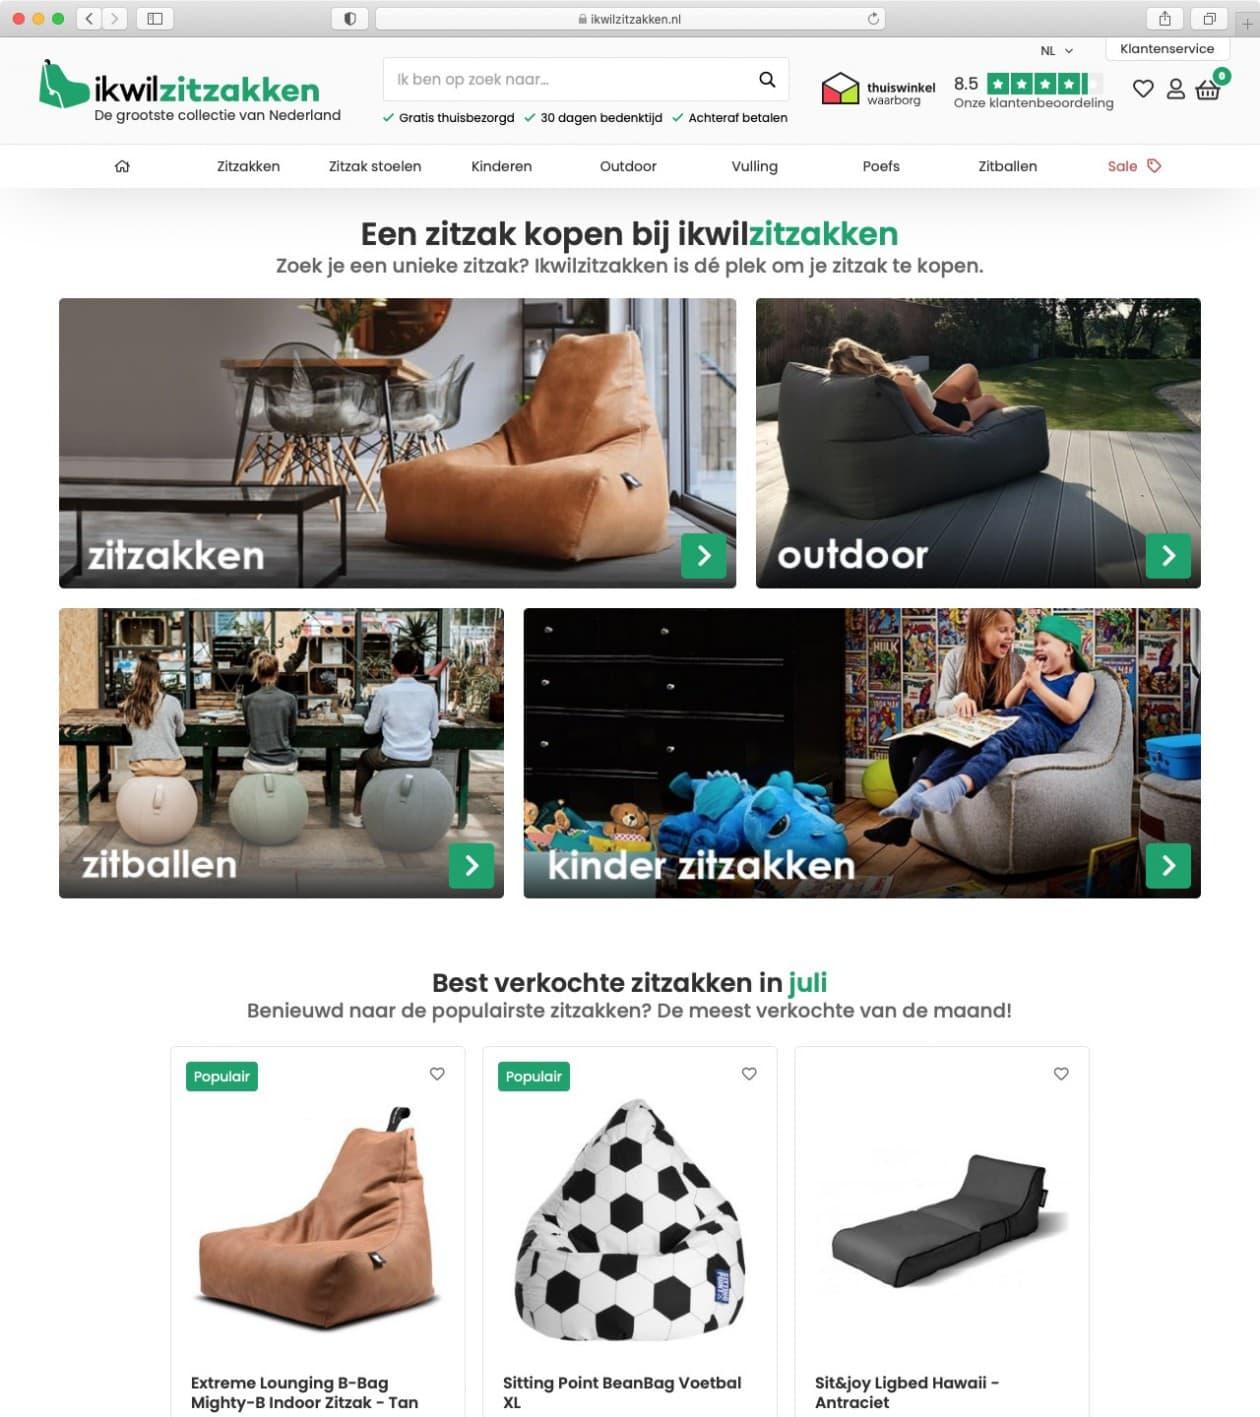 Ikwilzitzakken.nl